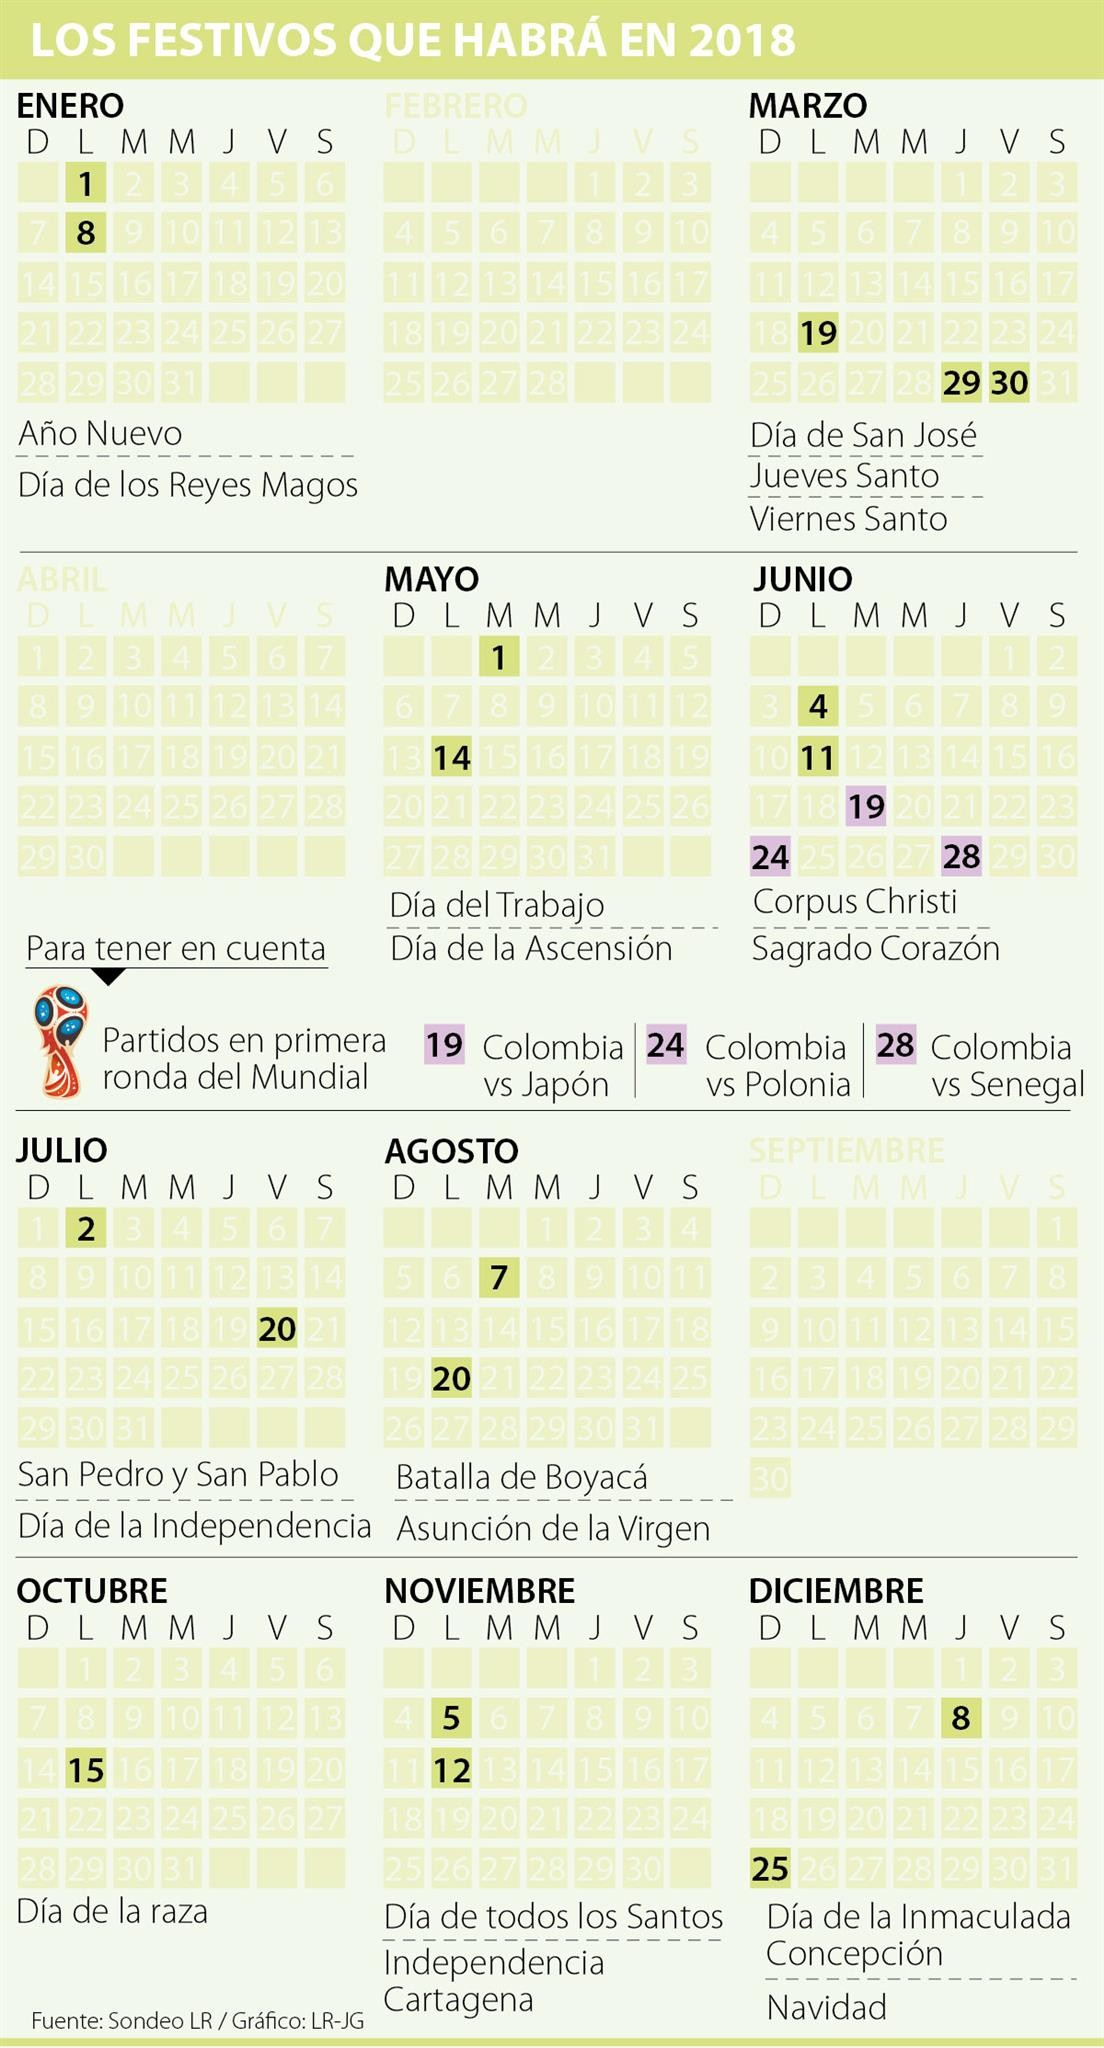 Calendario 2019 Carnaval España Más Arriba-a-fecha Y Chile son Los Of Calendario 2019 Carnaval España Más Arriba-a-fecha Quiénes somos